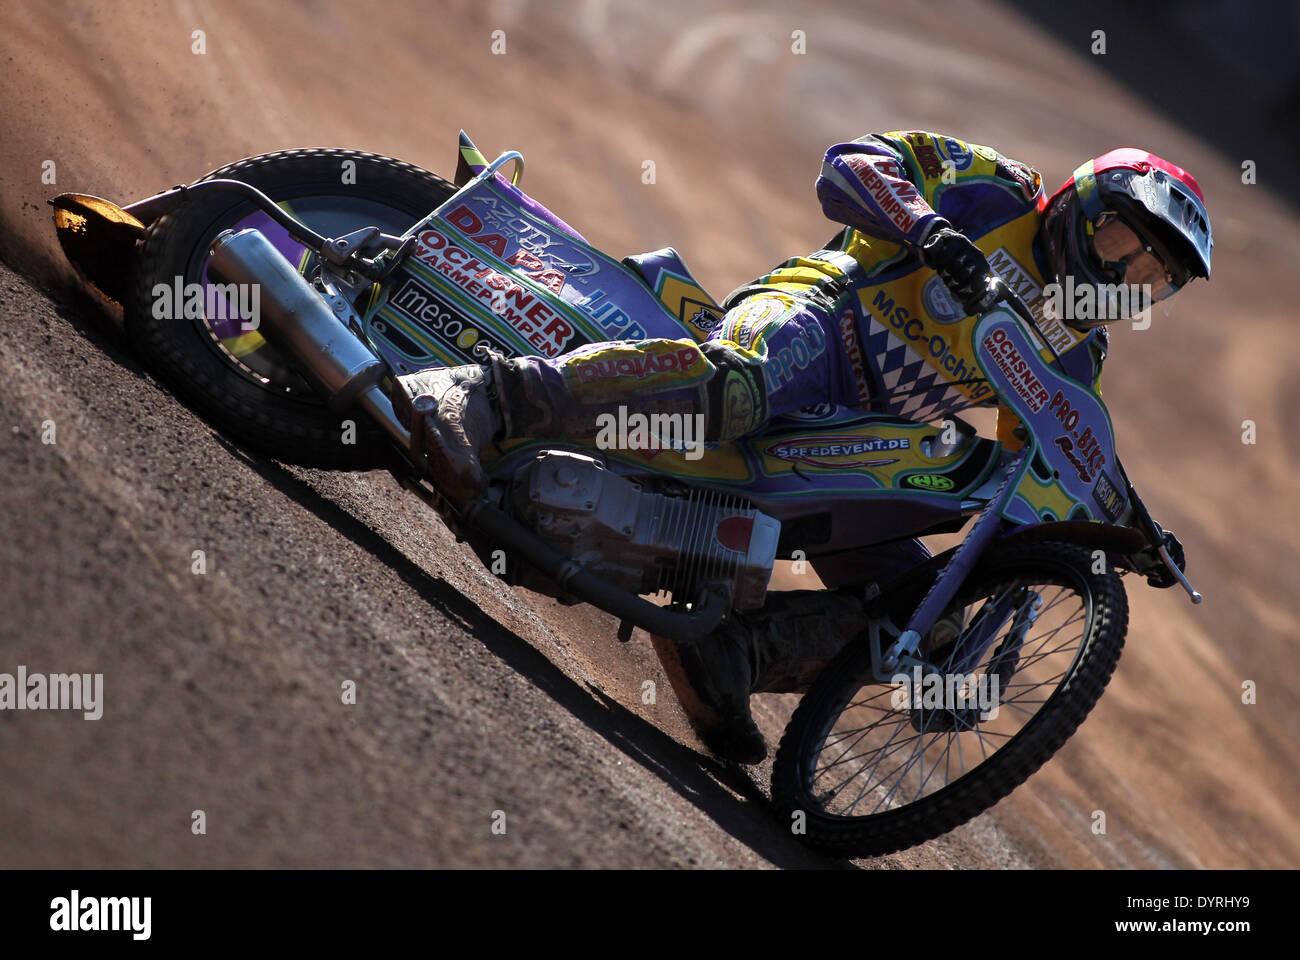 International Speedway Racing de MSC Olching, 2011 Imagen De Stock